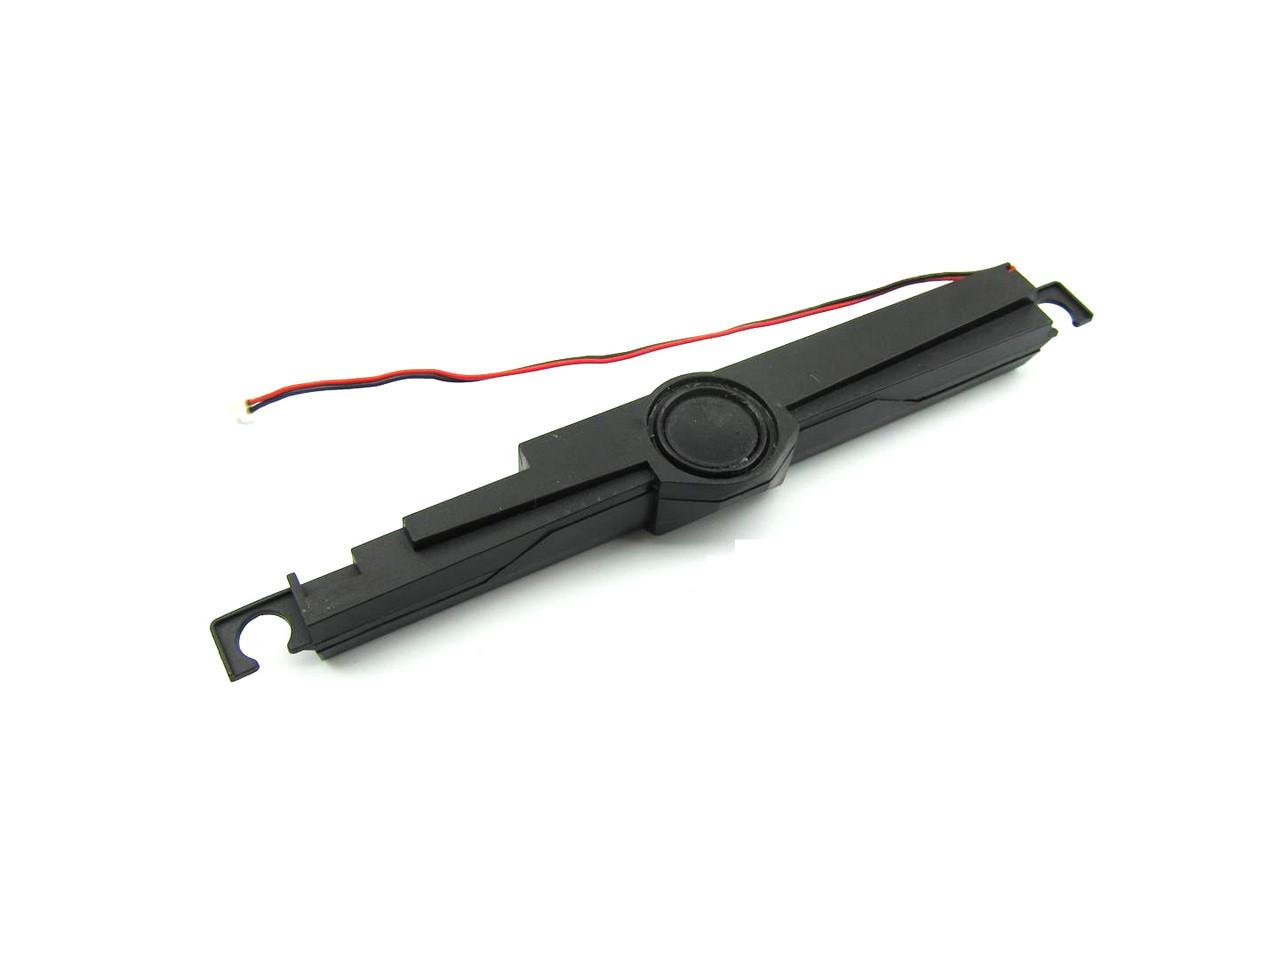 Alienware M14x Subwoofer Speaker Assembly - HJT1M